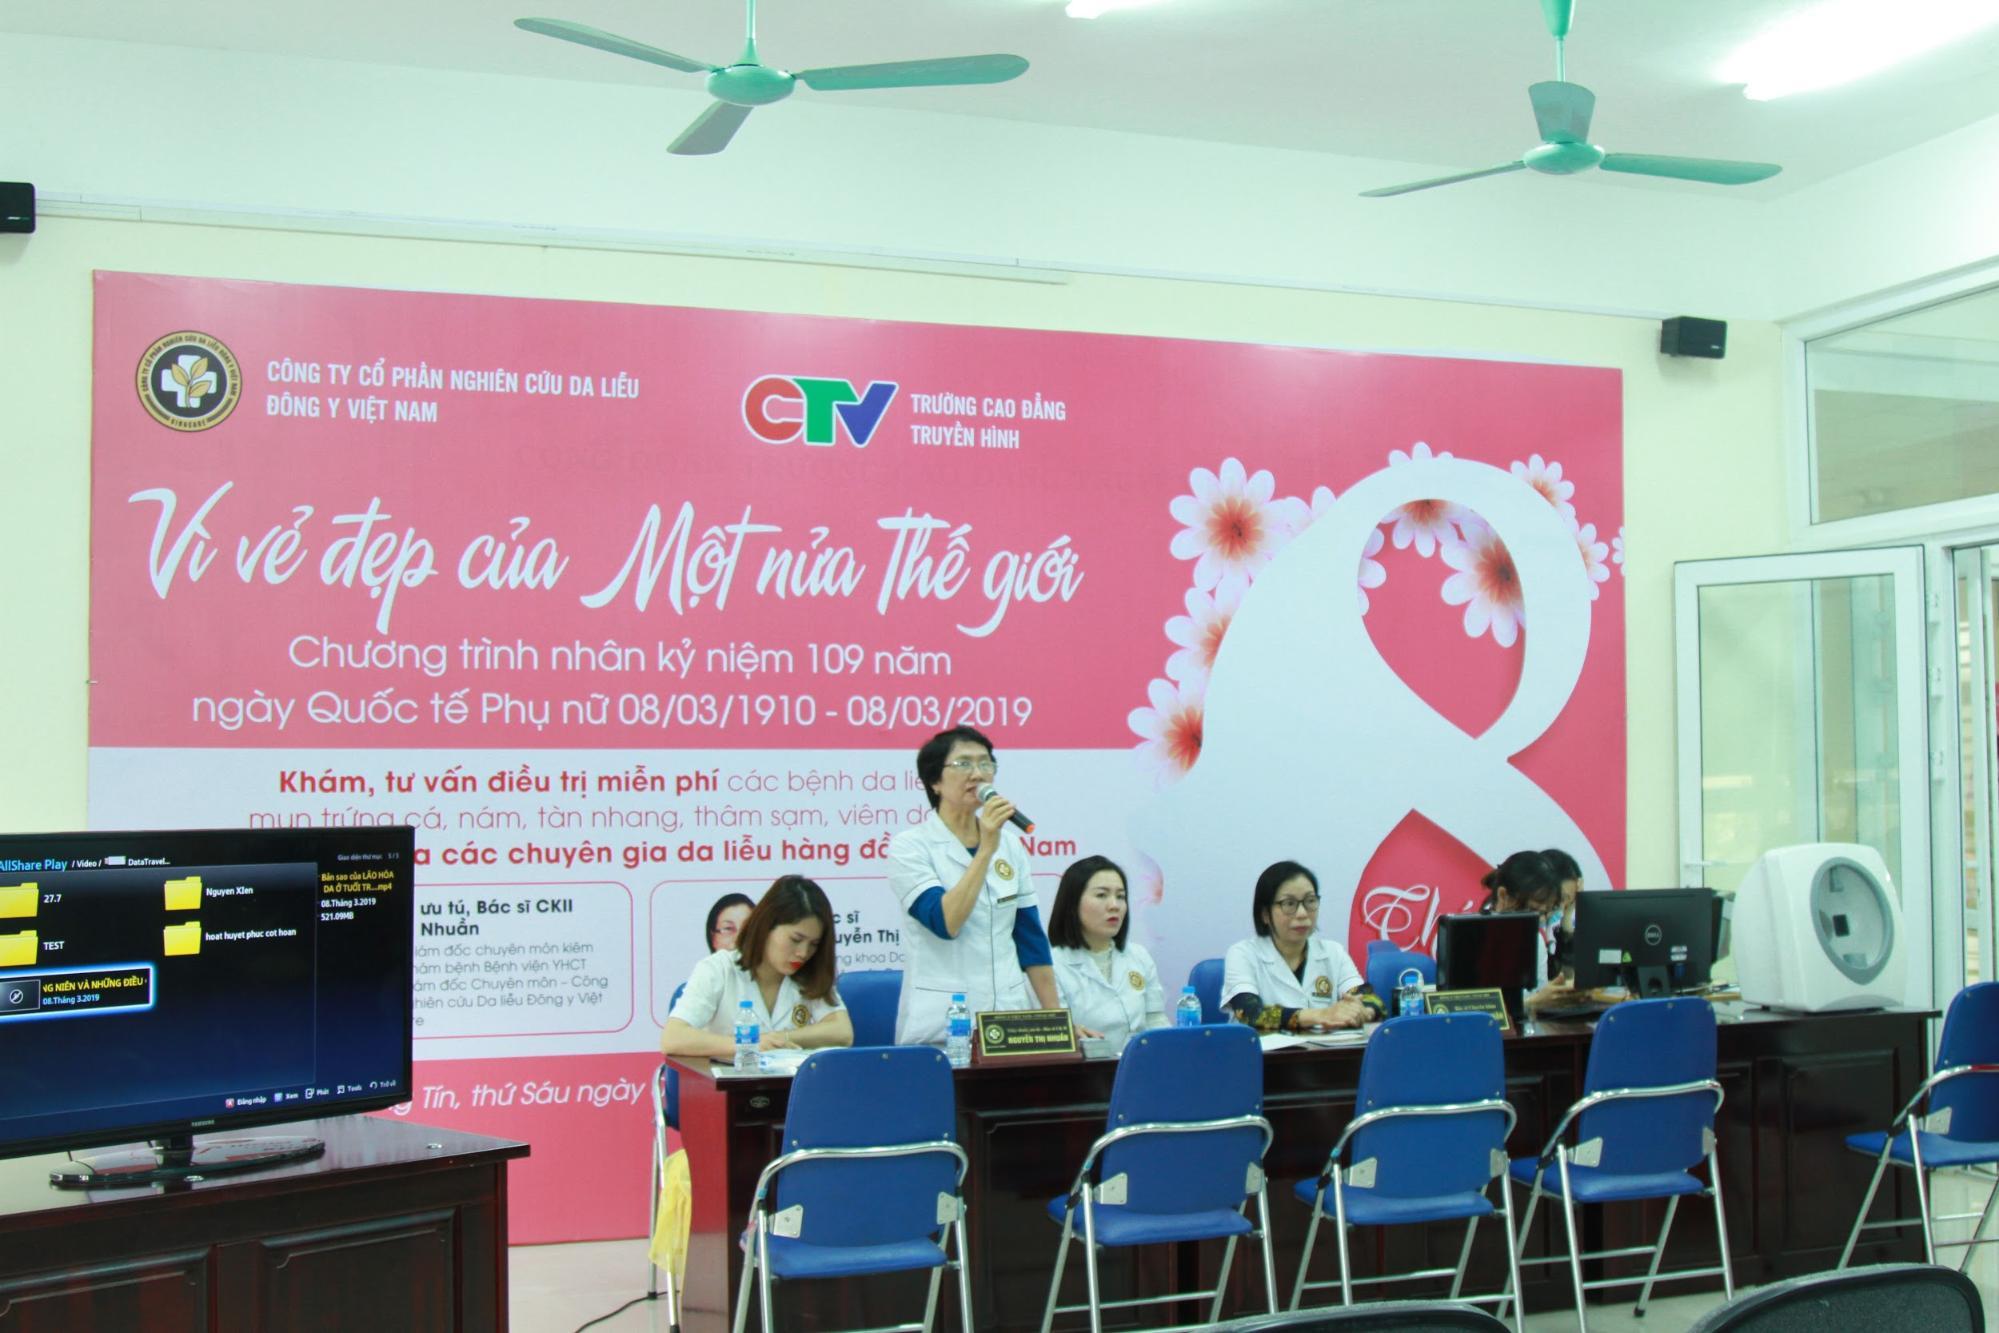 Bác sĩ Nguyễn Thị Nhuần, giám đốc chuyên môn Trung tâm Da liễu đông y Việt Nam Tư vấn các vấn đề về da